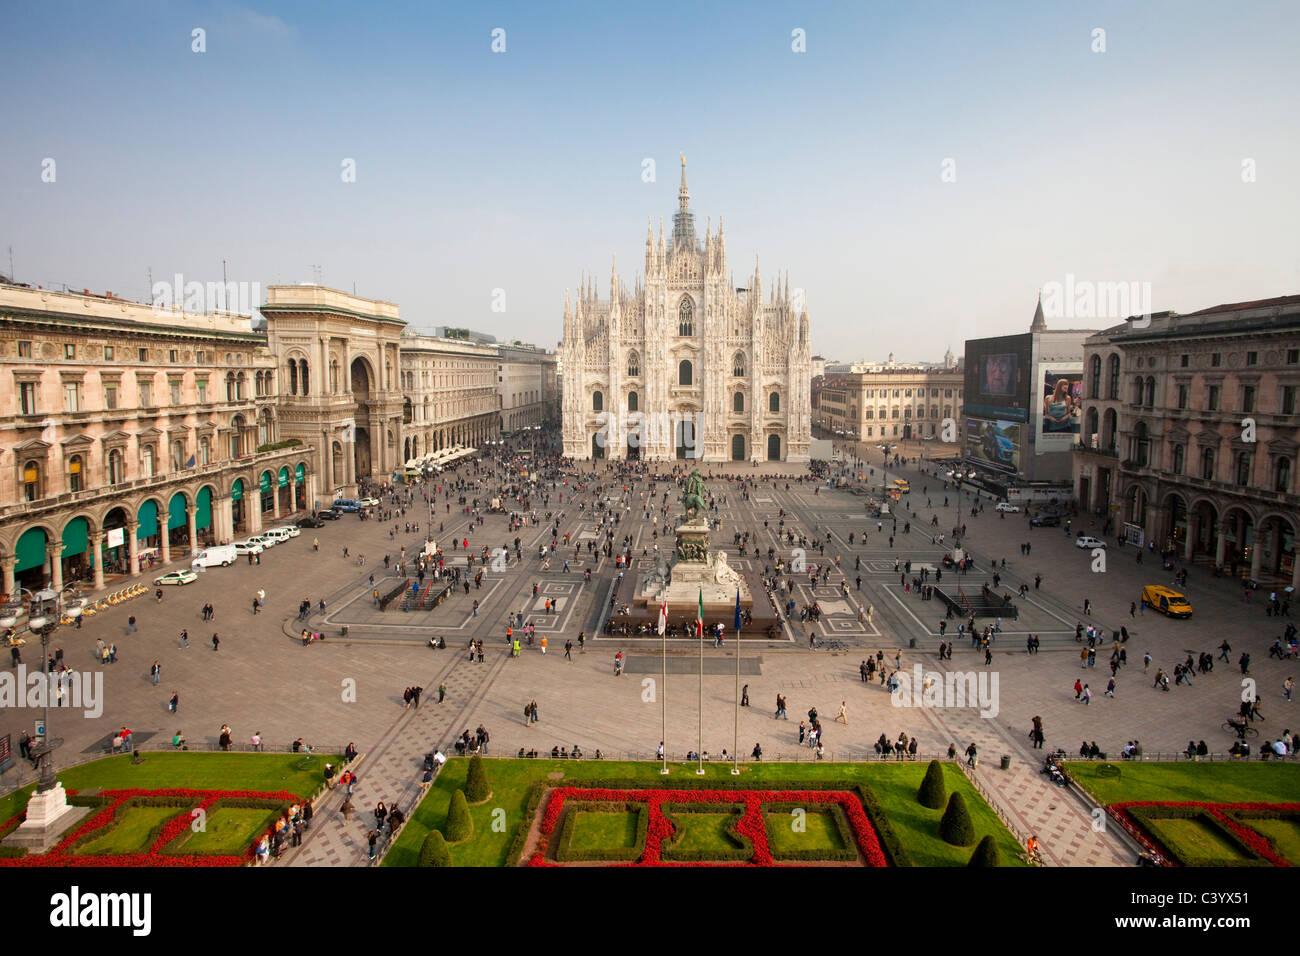 L'Italia, Europa, Milano, Milano, Cattedrale, Duomo, chiesa, luogo, prato, turistico Immagini Stock